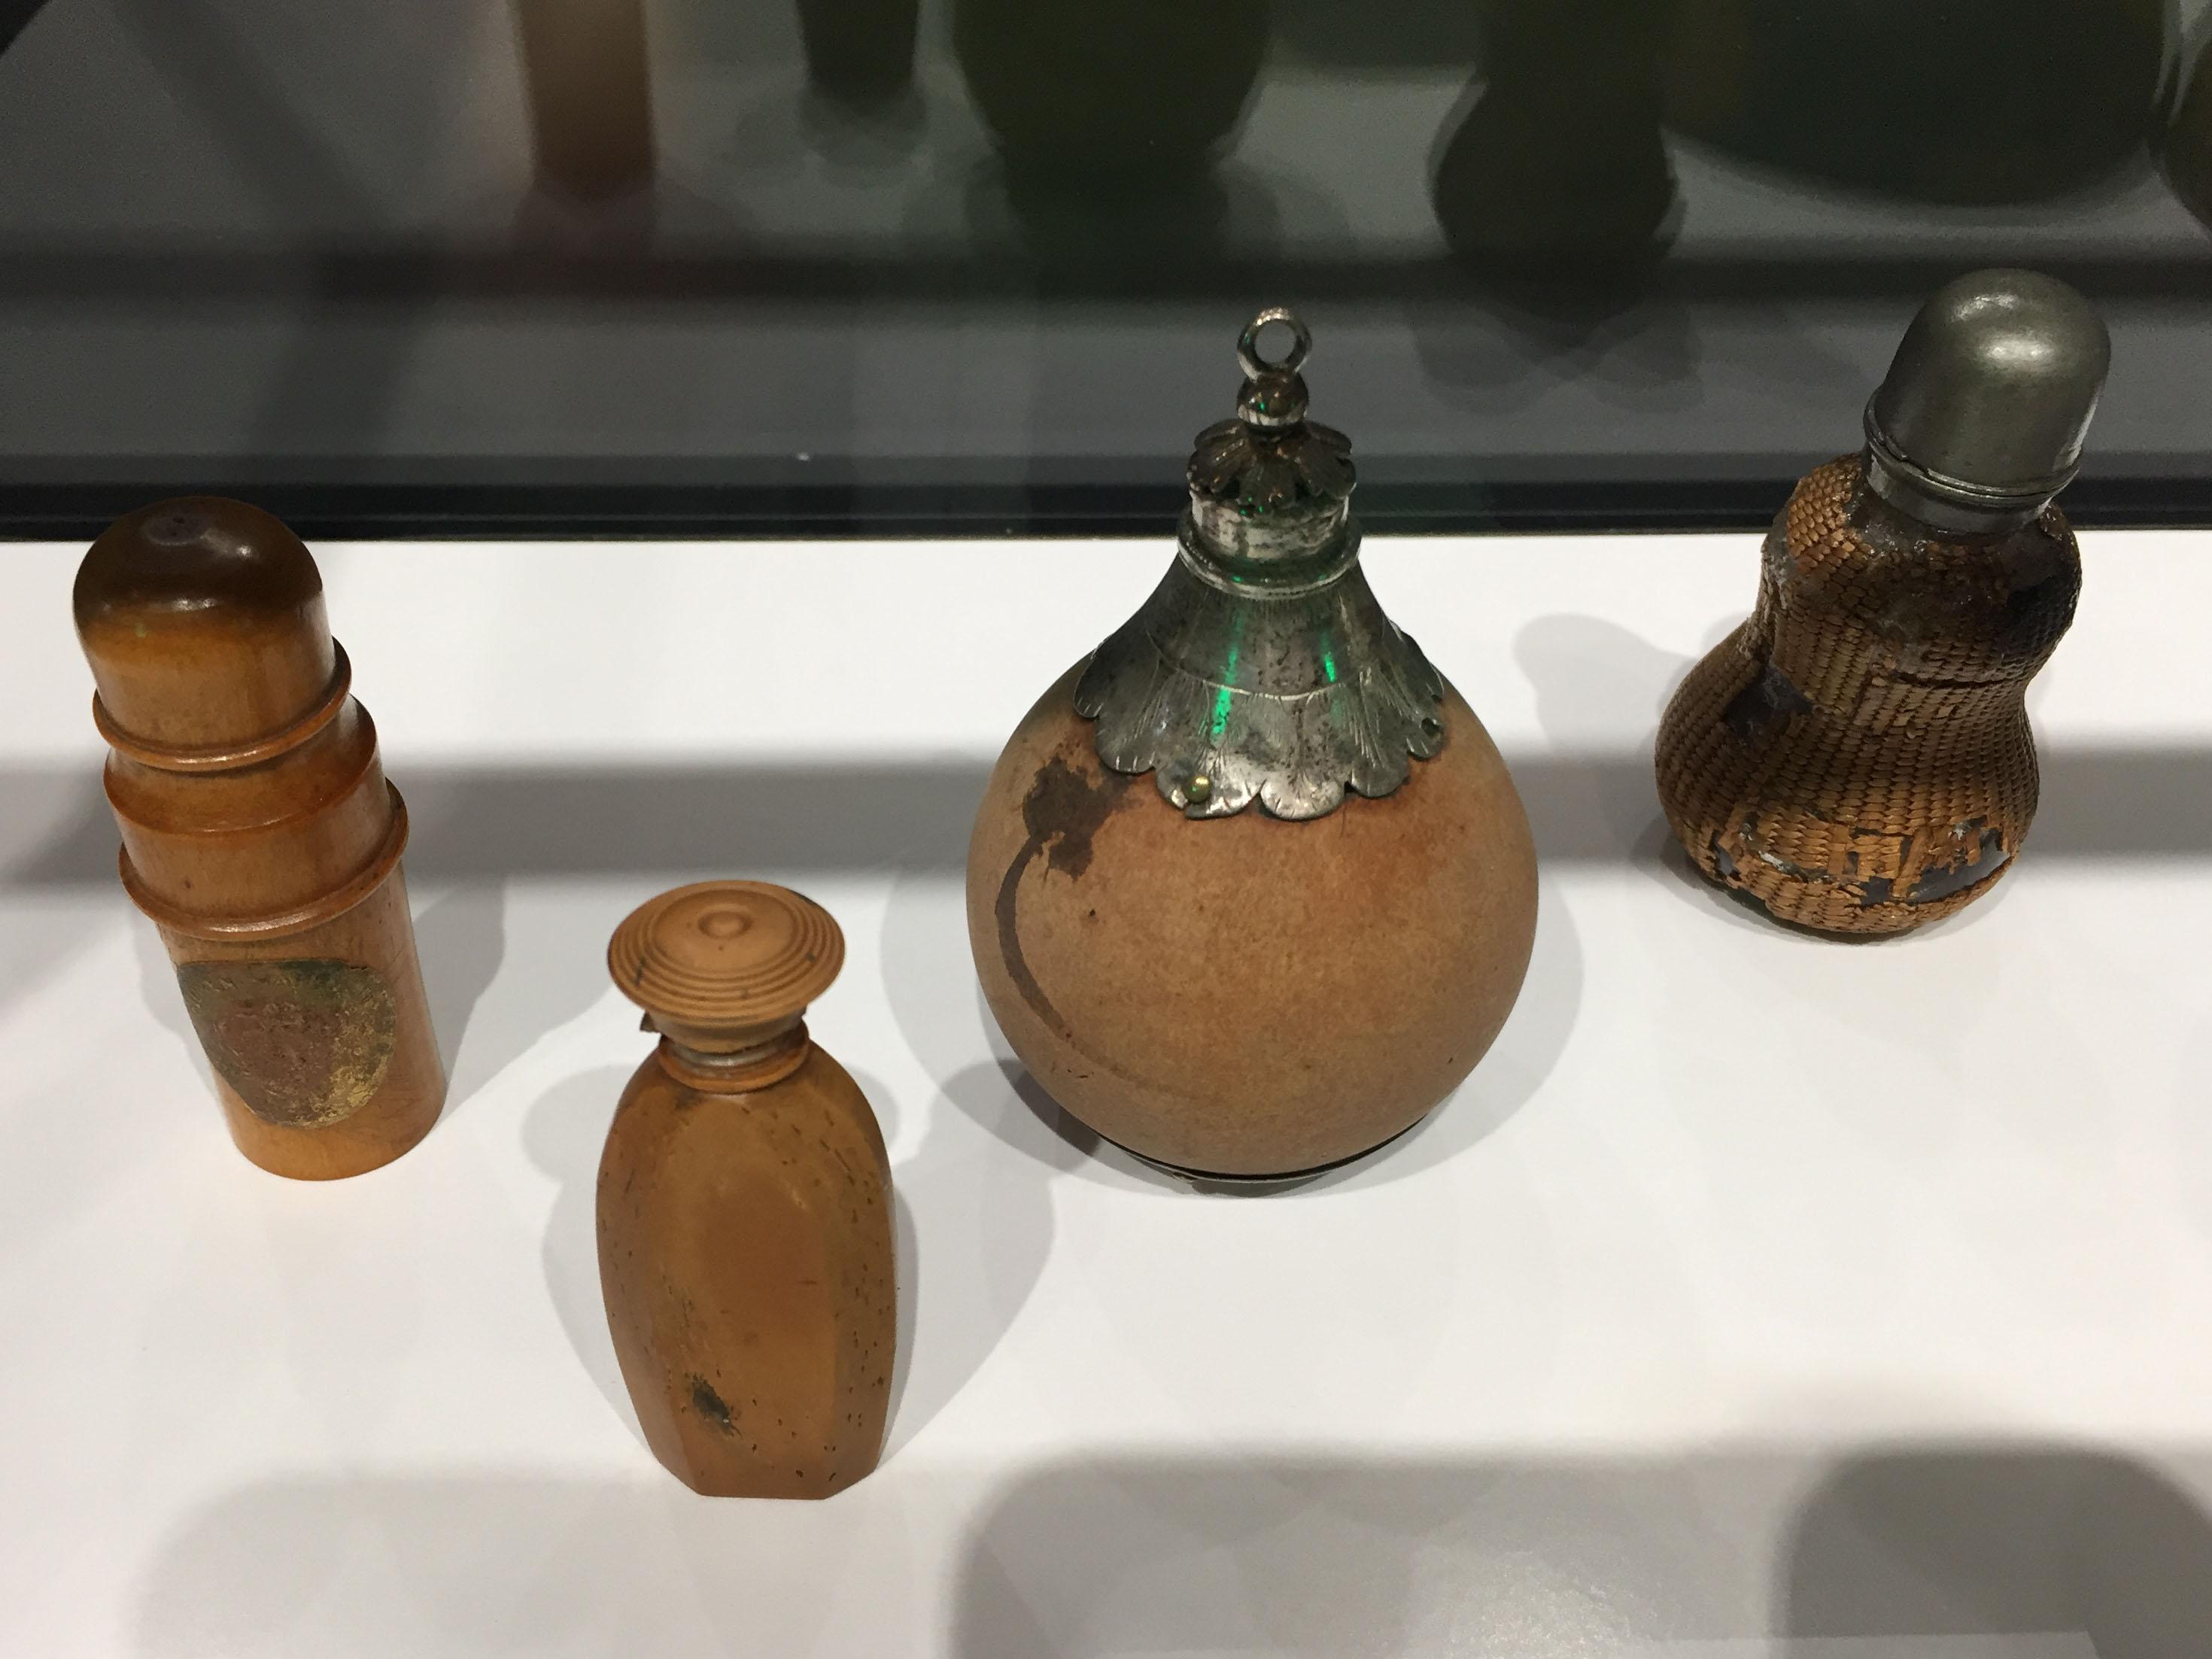 Flaconi in vetro e legno, Germania, 19 sec; pendente in legno e argento, Germania, 1700